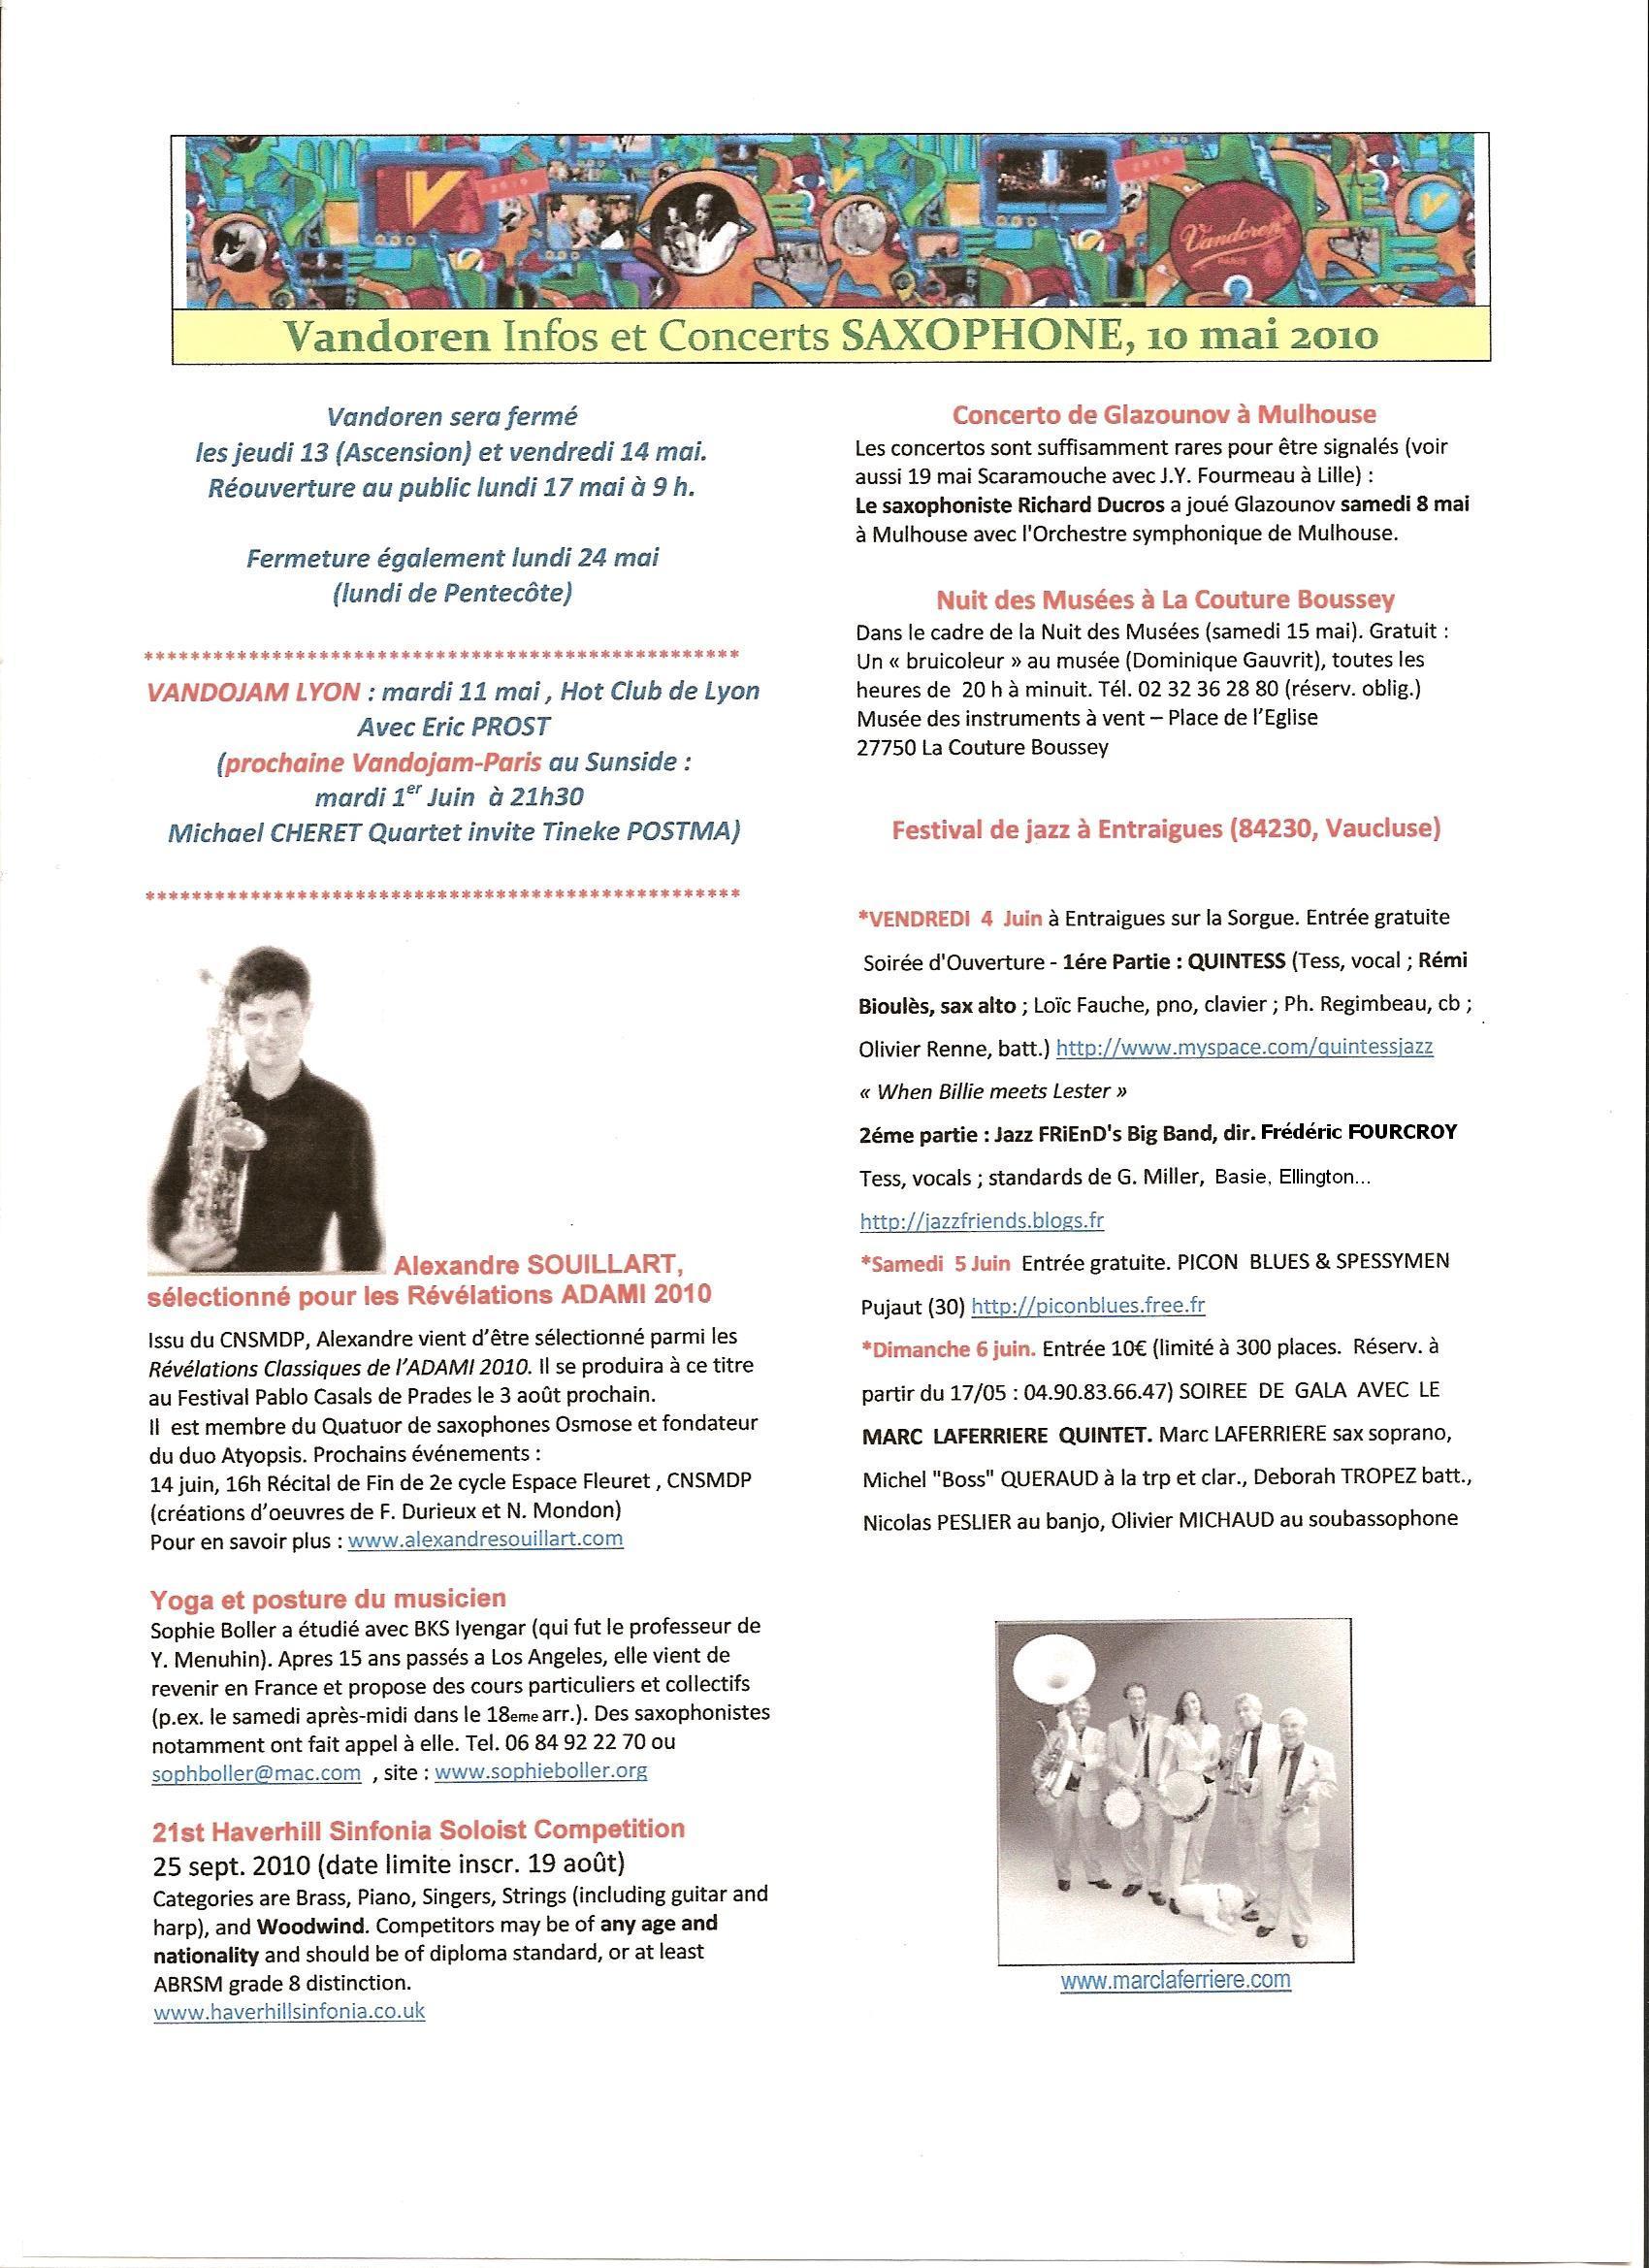 Bulletin Infos Vandoren 100510